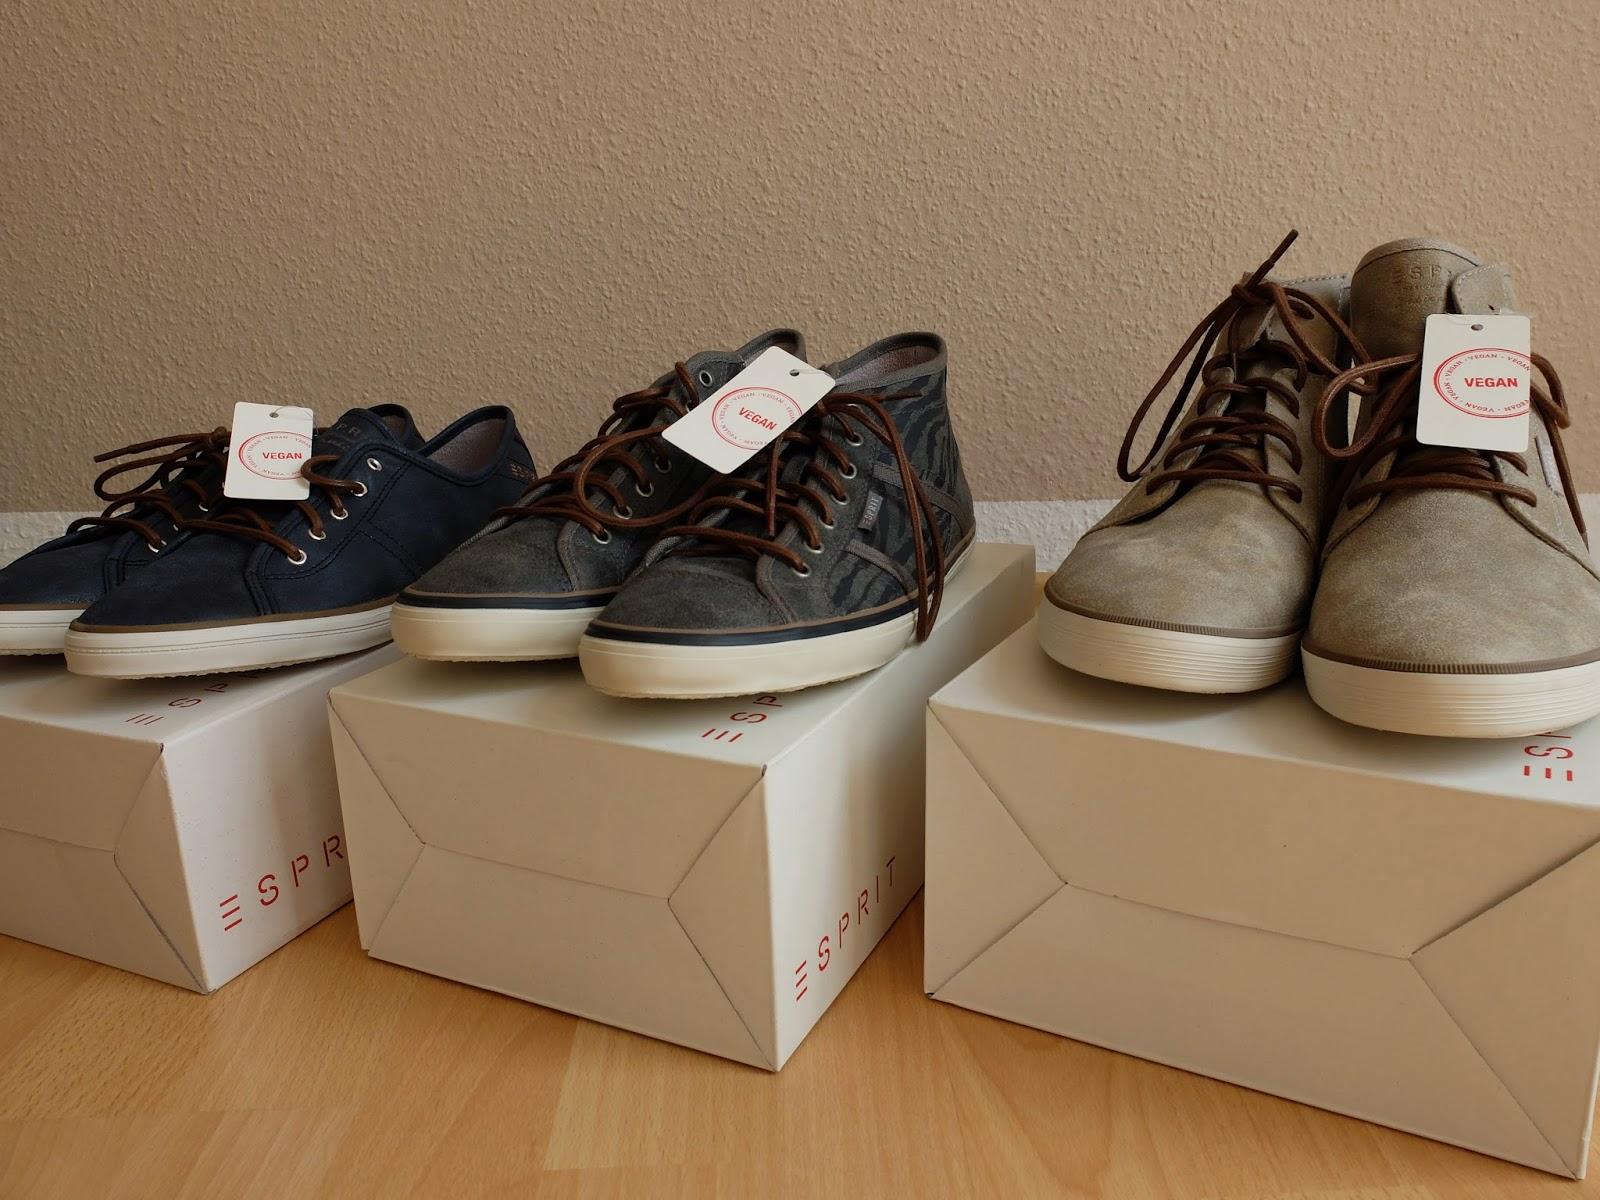 Vegane Schuhe von Esprit